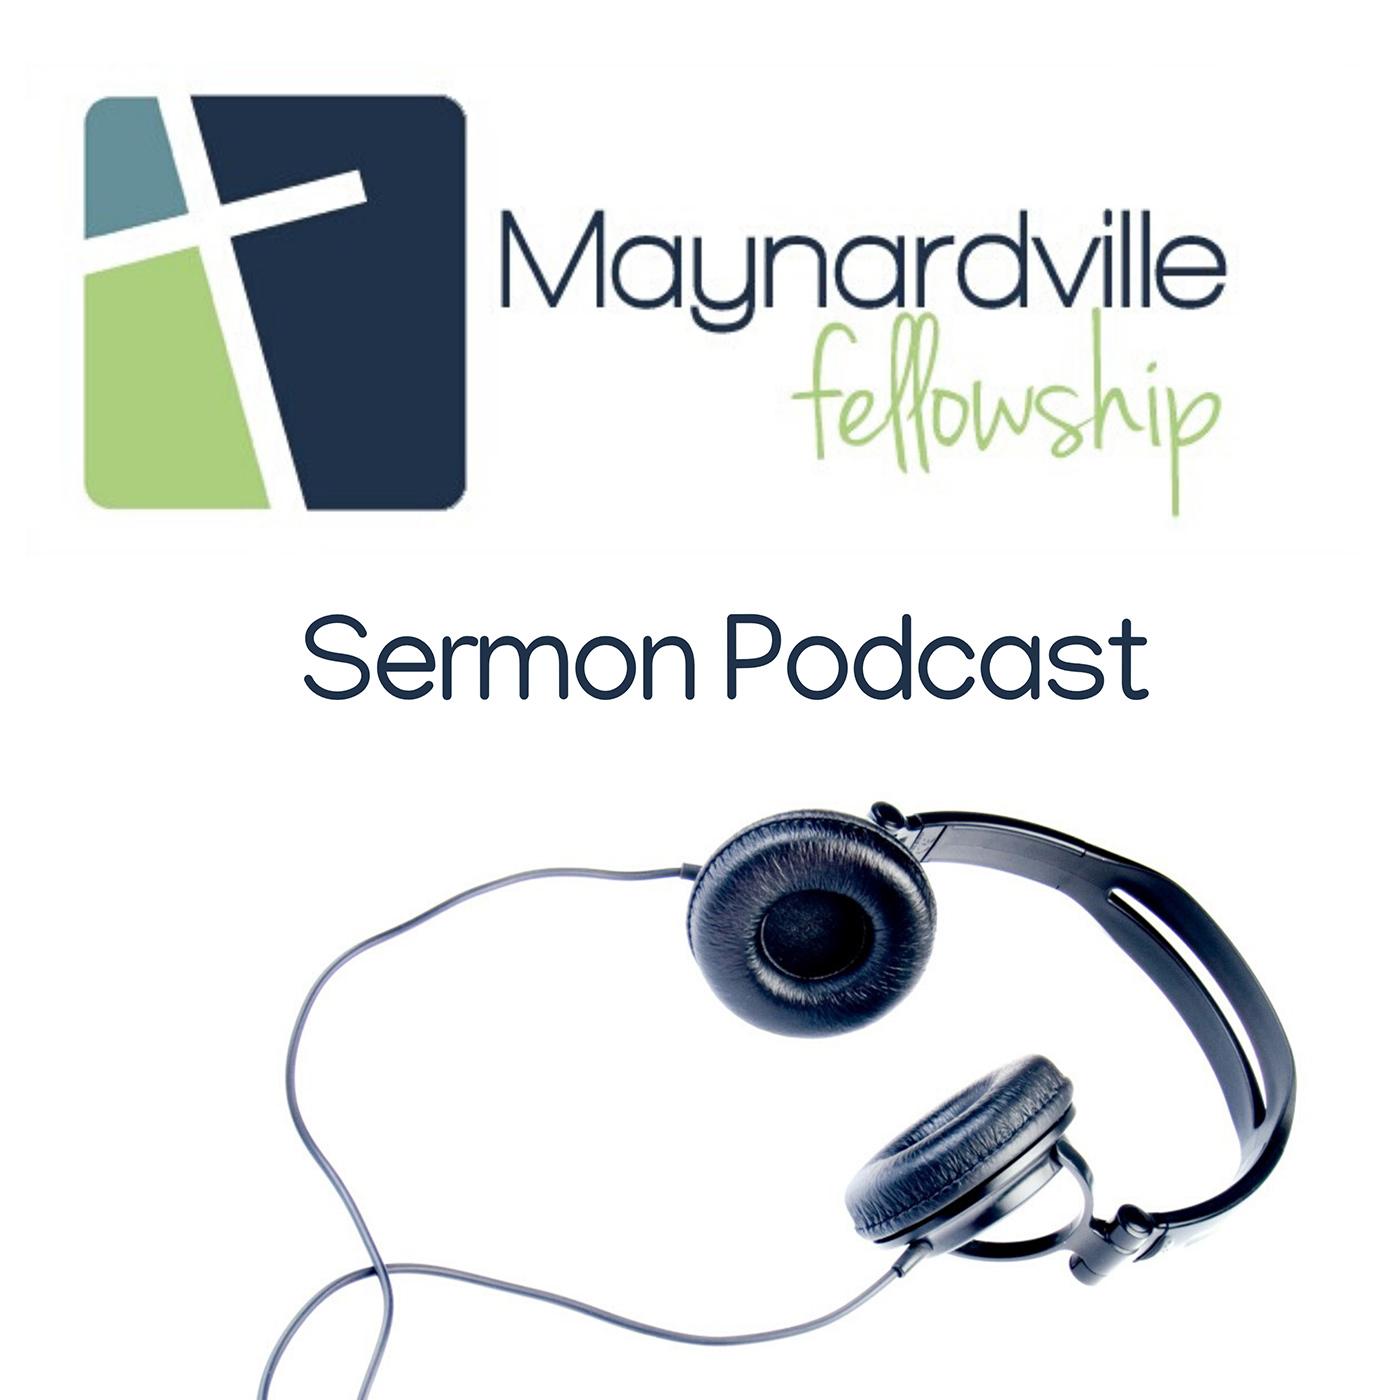 Maynardville Fellowship Podcast